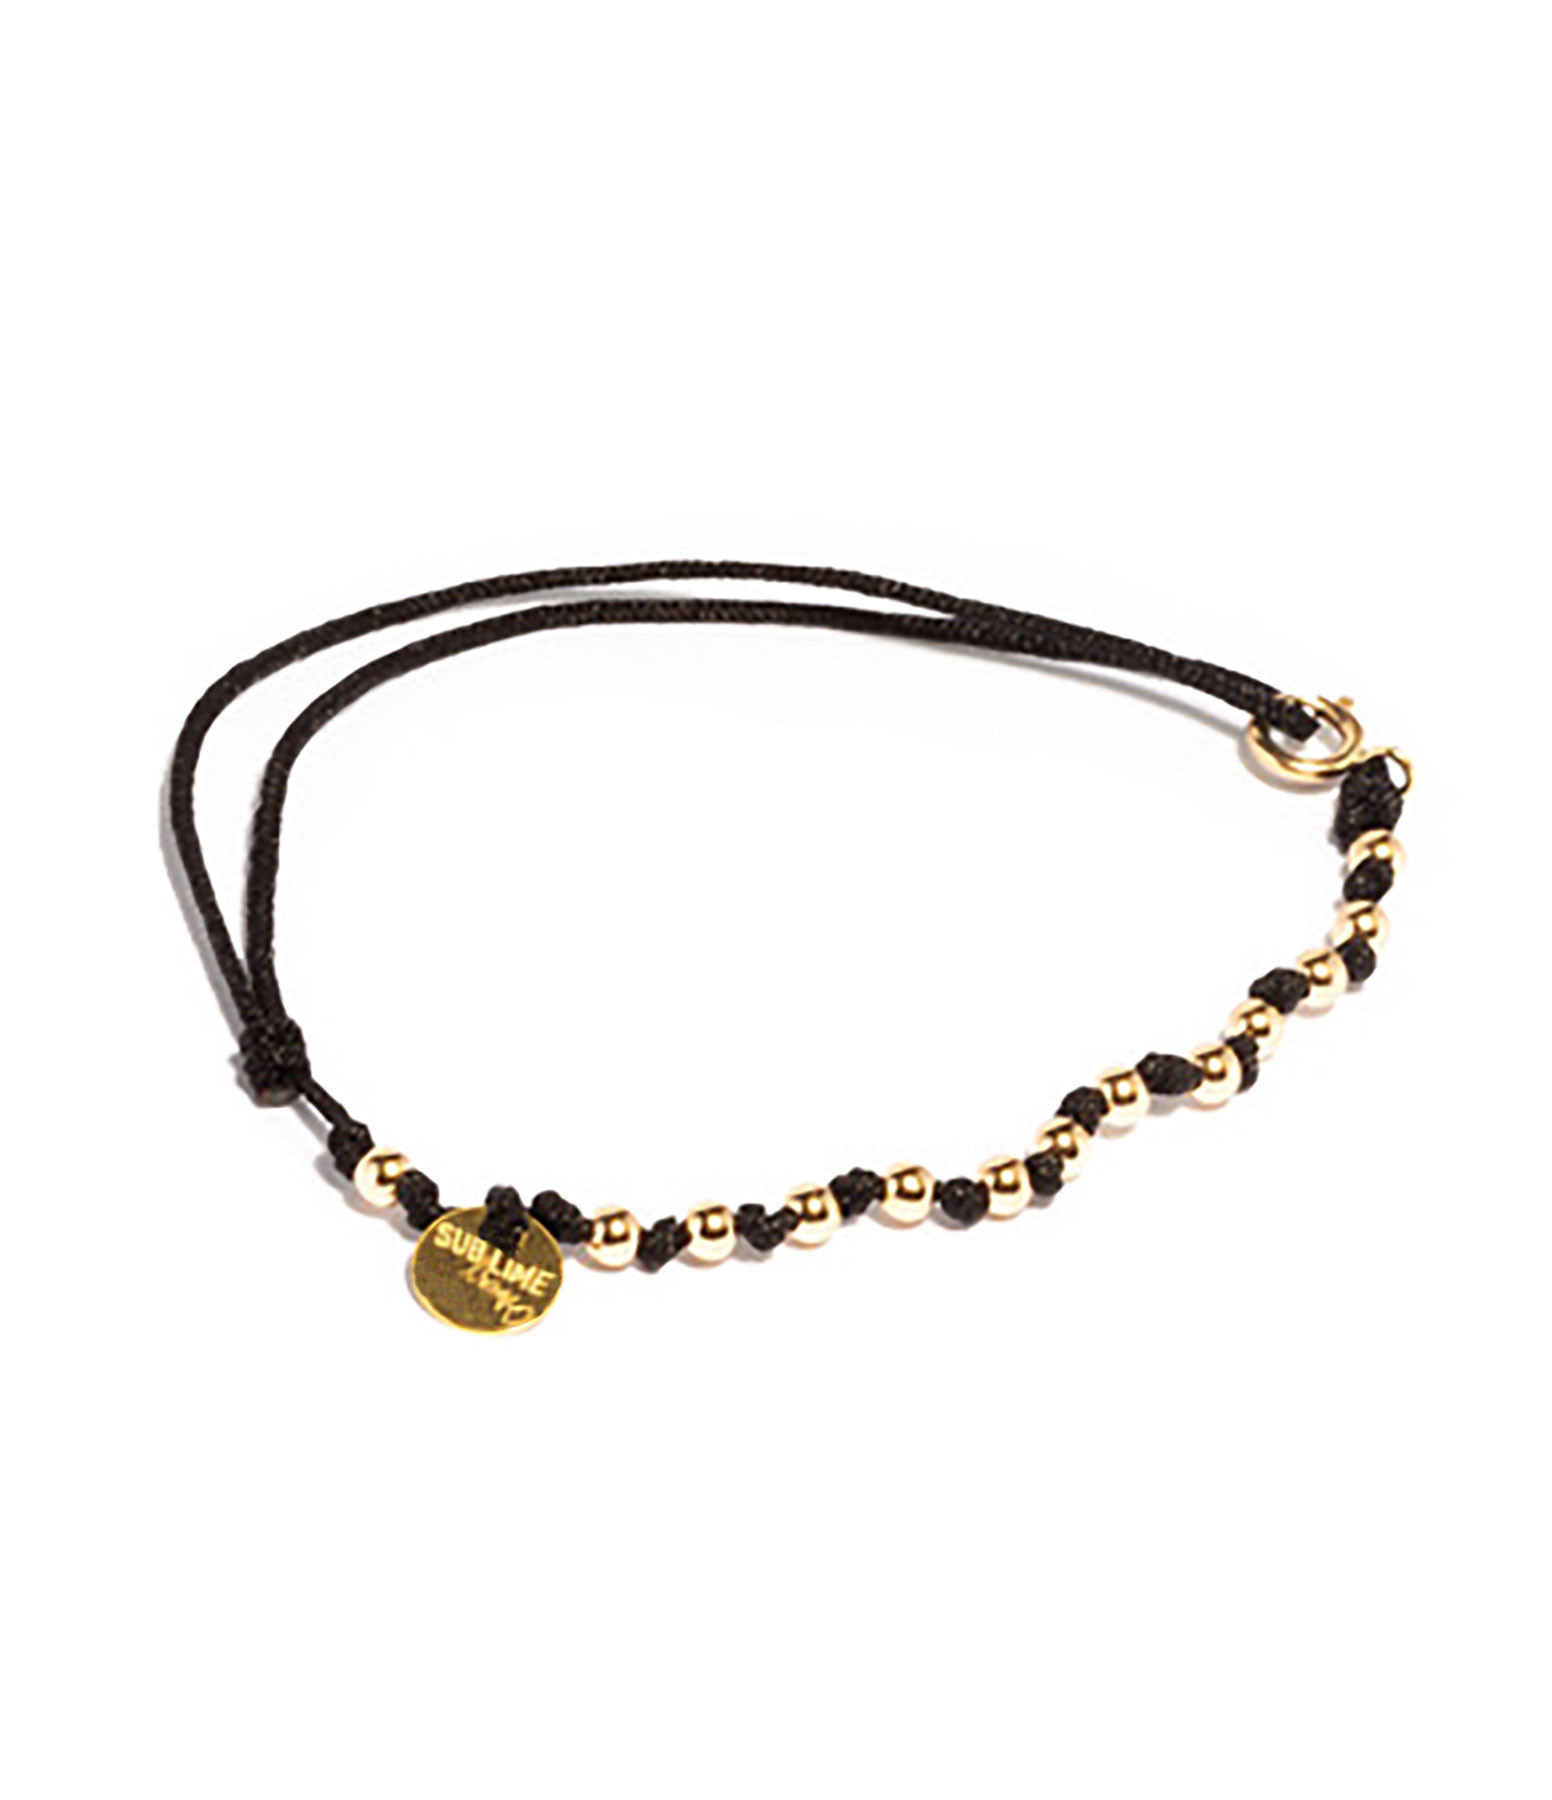 LSONGE - Bracelet Sublime M Comme Méditer 13 Perles Noir Or